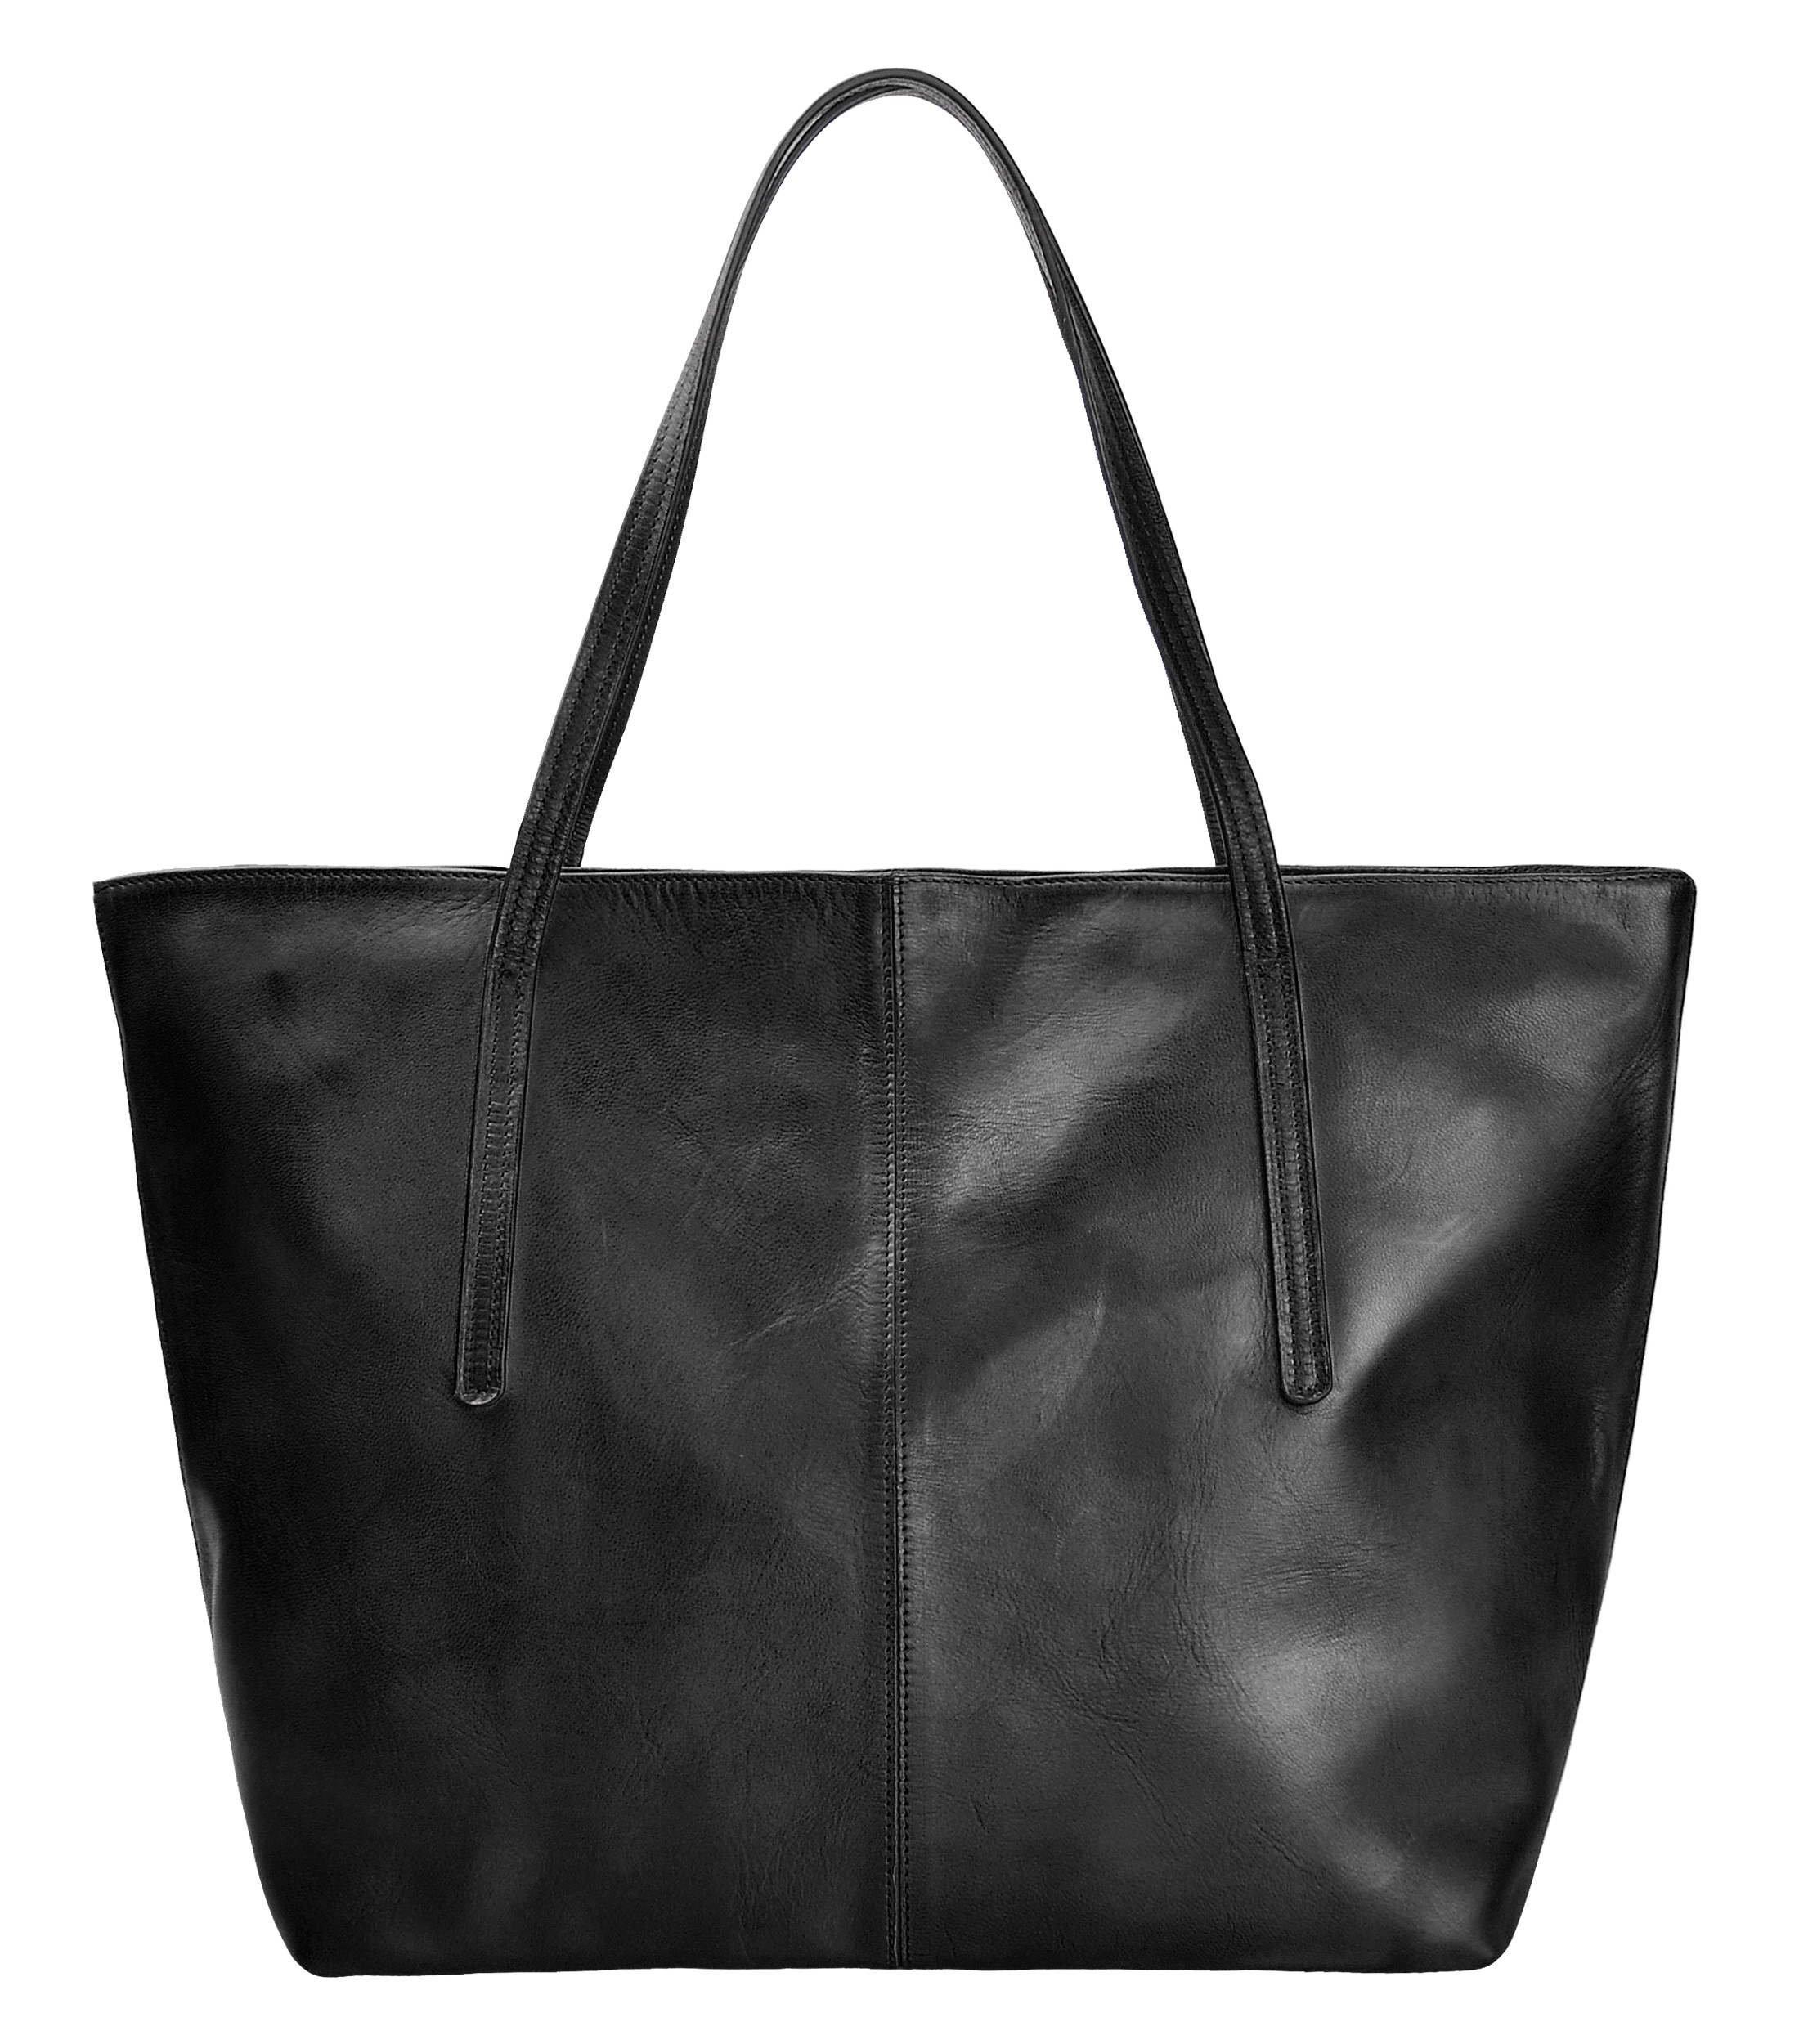 ZLYC Women Vintage Dip Dye Leather Tote Bag Handbag Large Zippered Shoulder Bag, Black